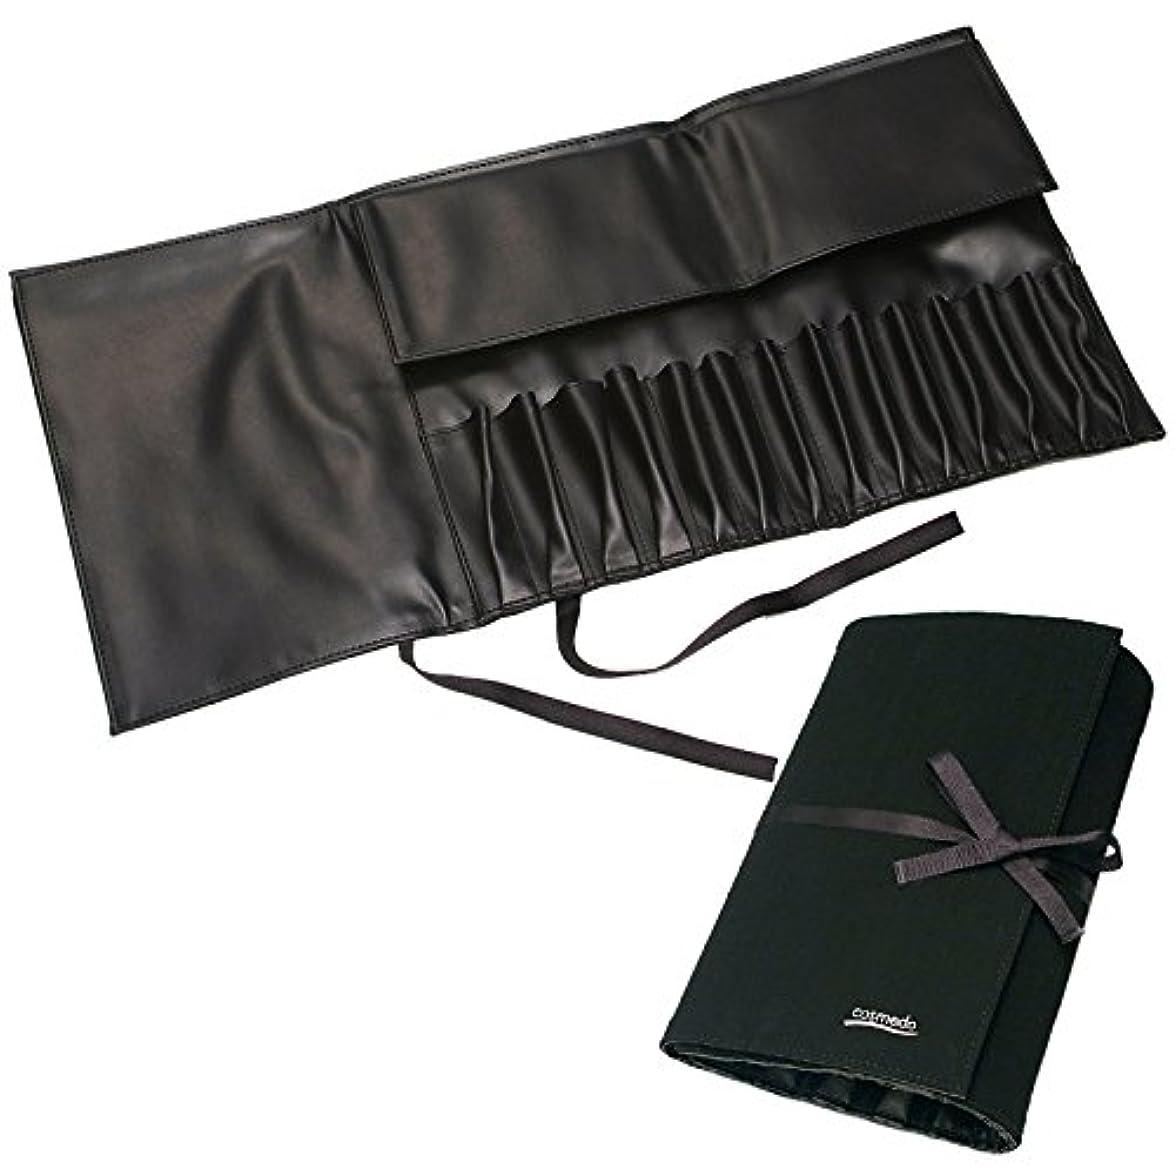 義務付けられたマトン屋内匠の化粧筆コスメ堂 レギュラータイプ用メイクブラシ収納ケース大(14本収納)スウェードタイプ